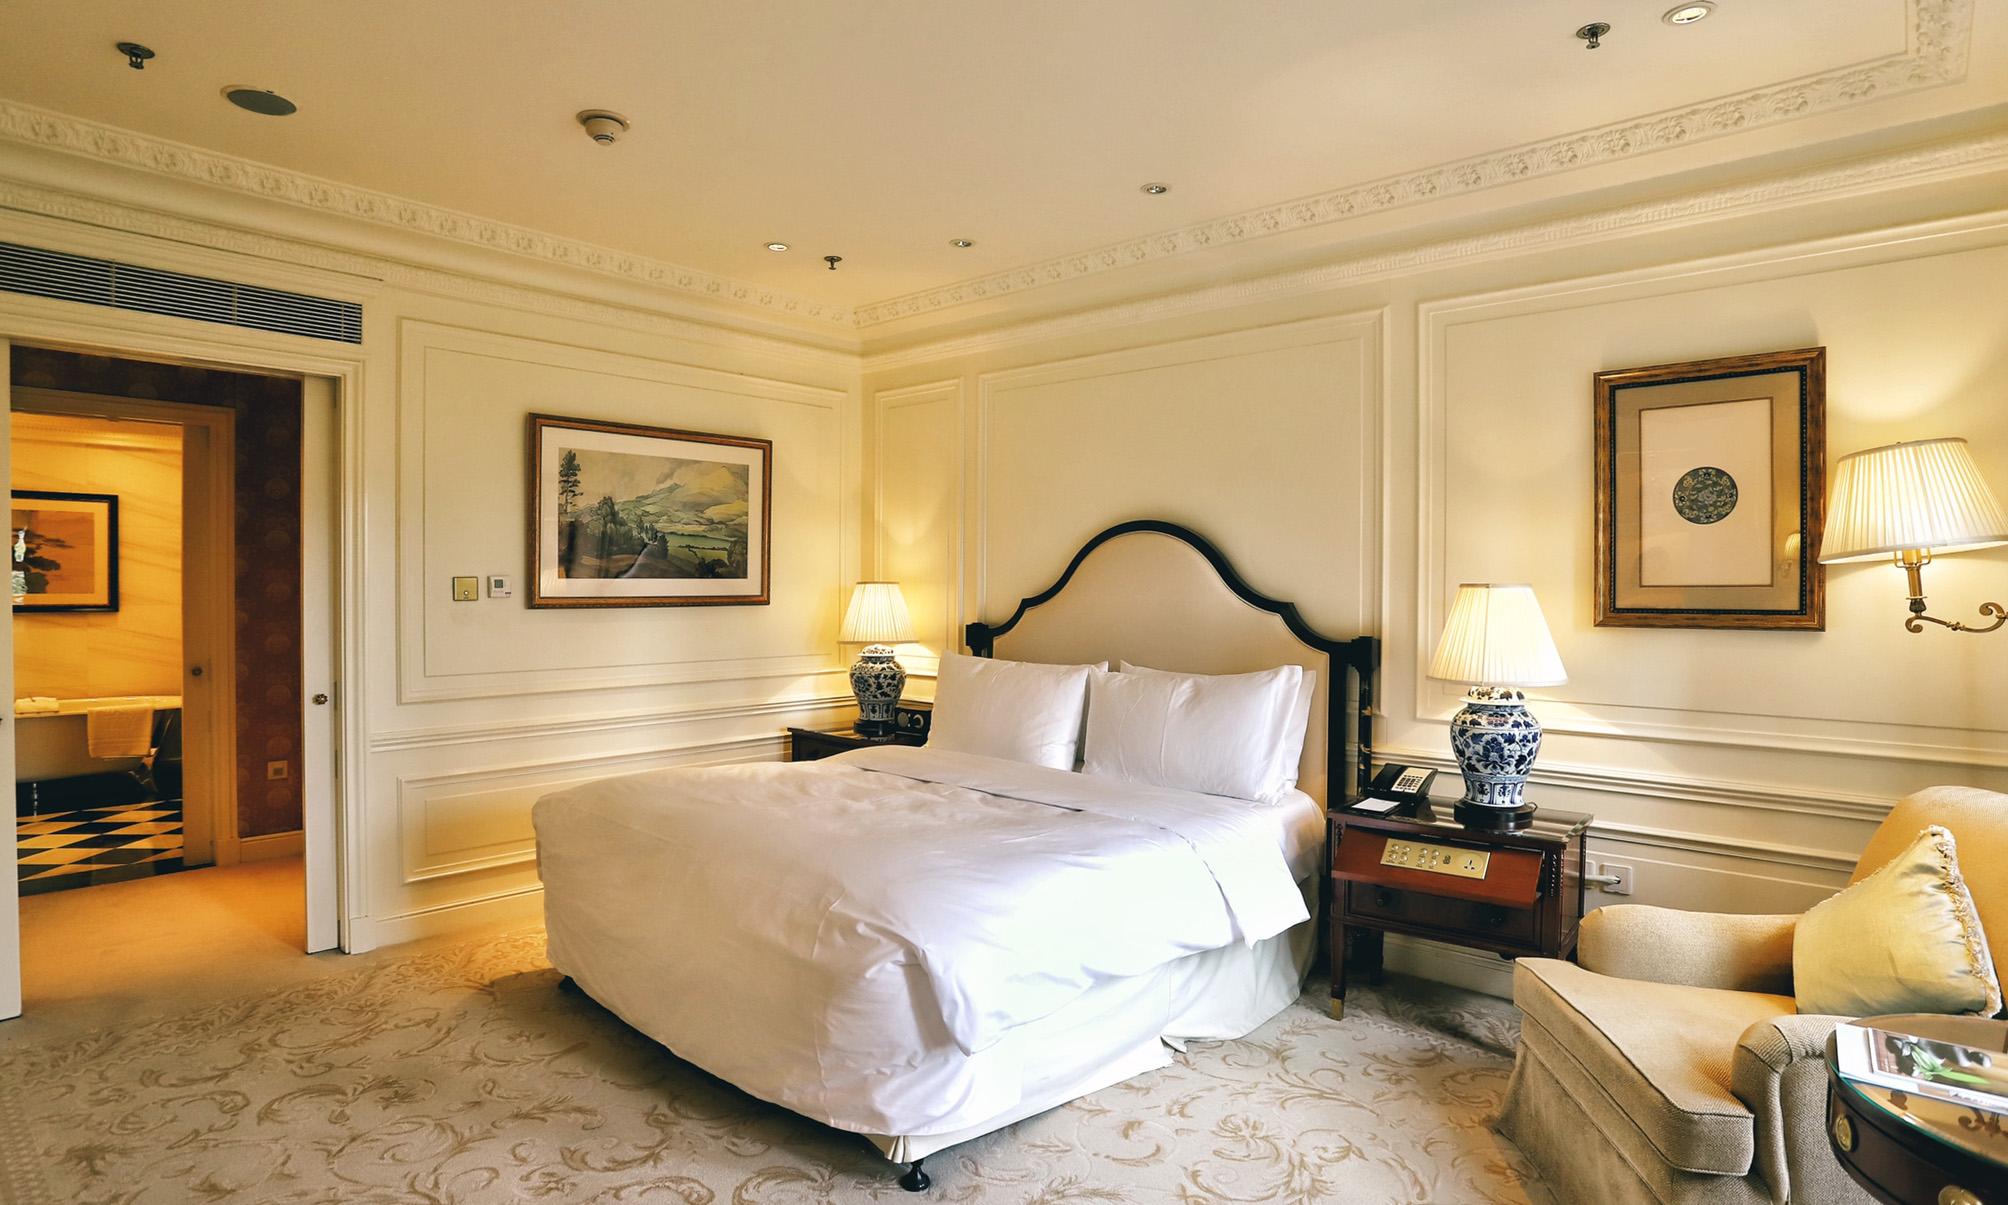 上海酒店家具厂-选购酒店家具需要注重的三大准则